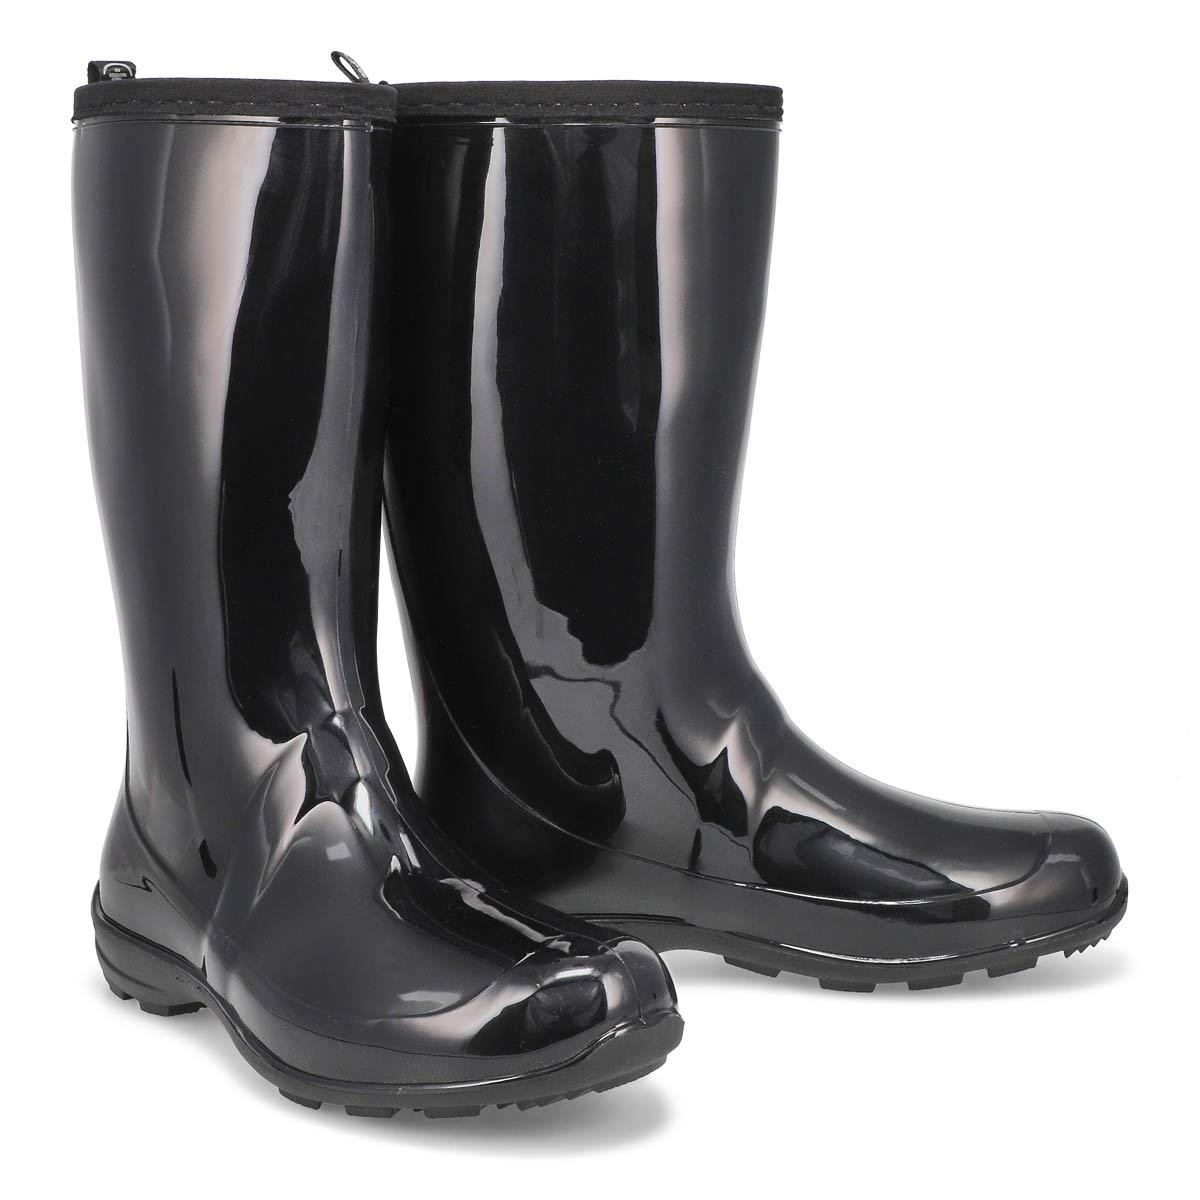 Lds Heidi black mid wtpf rain boot